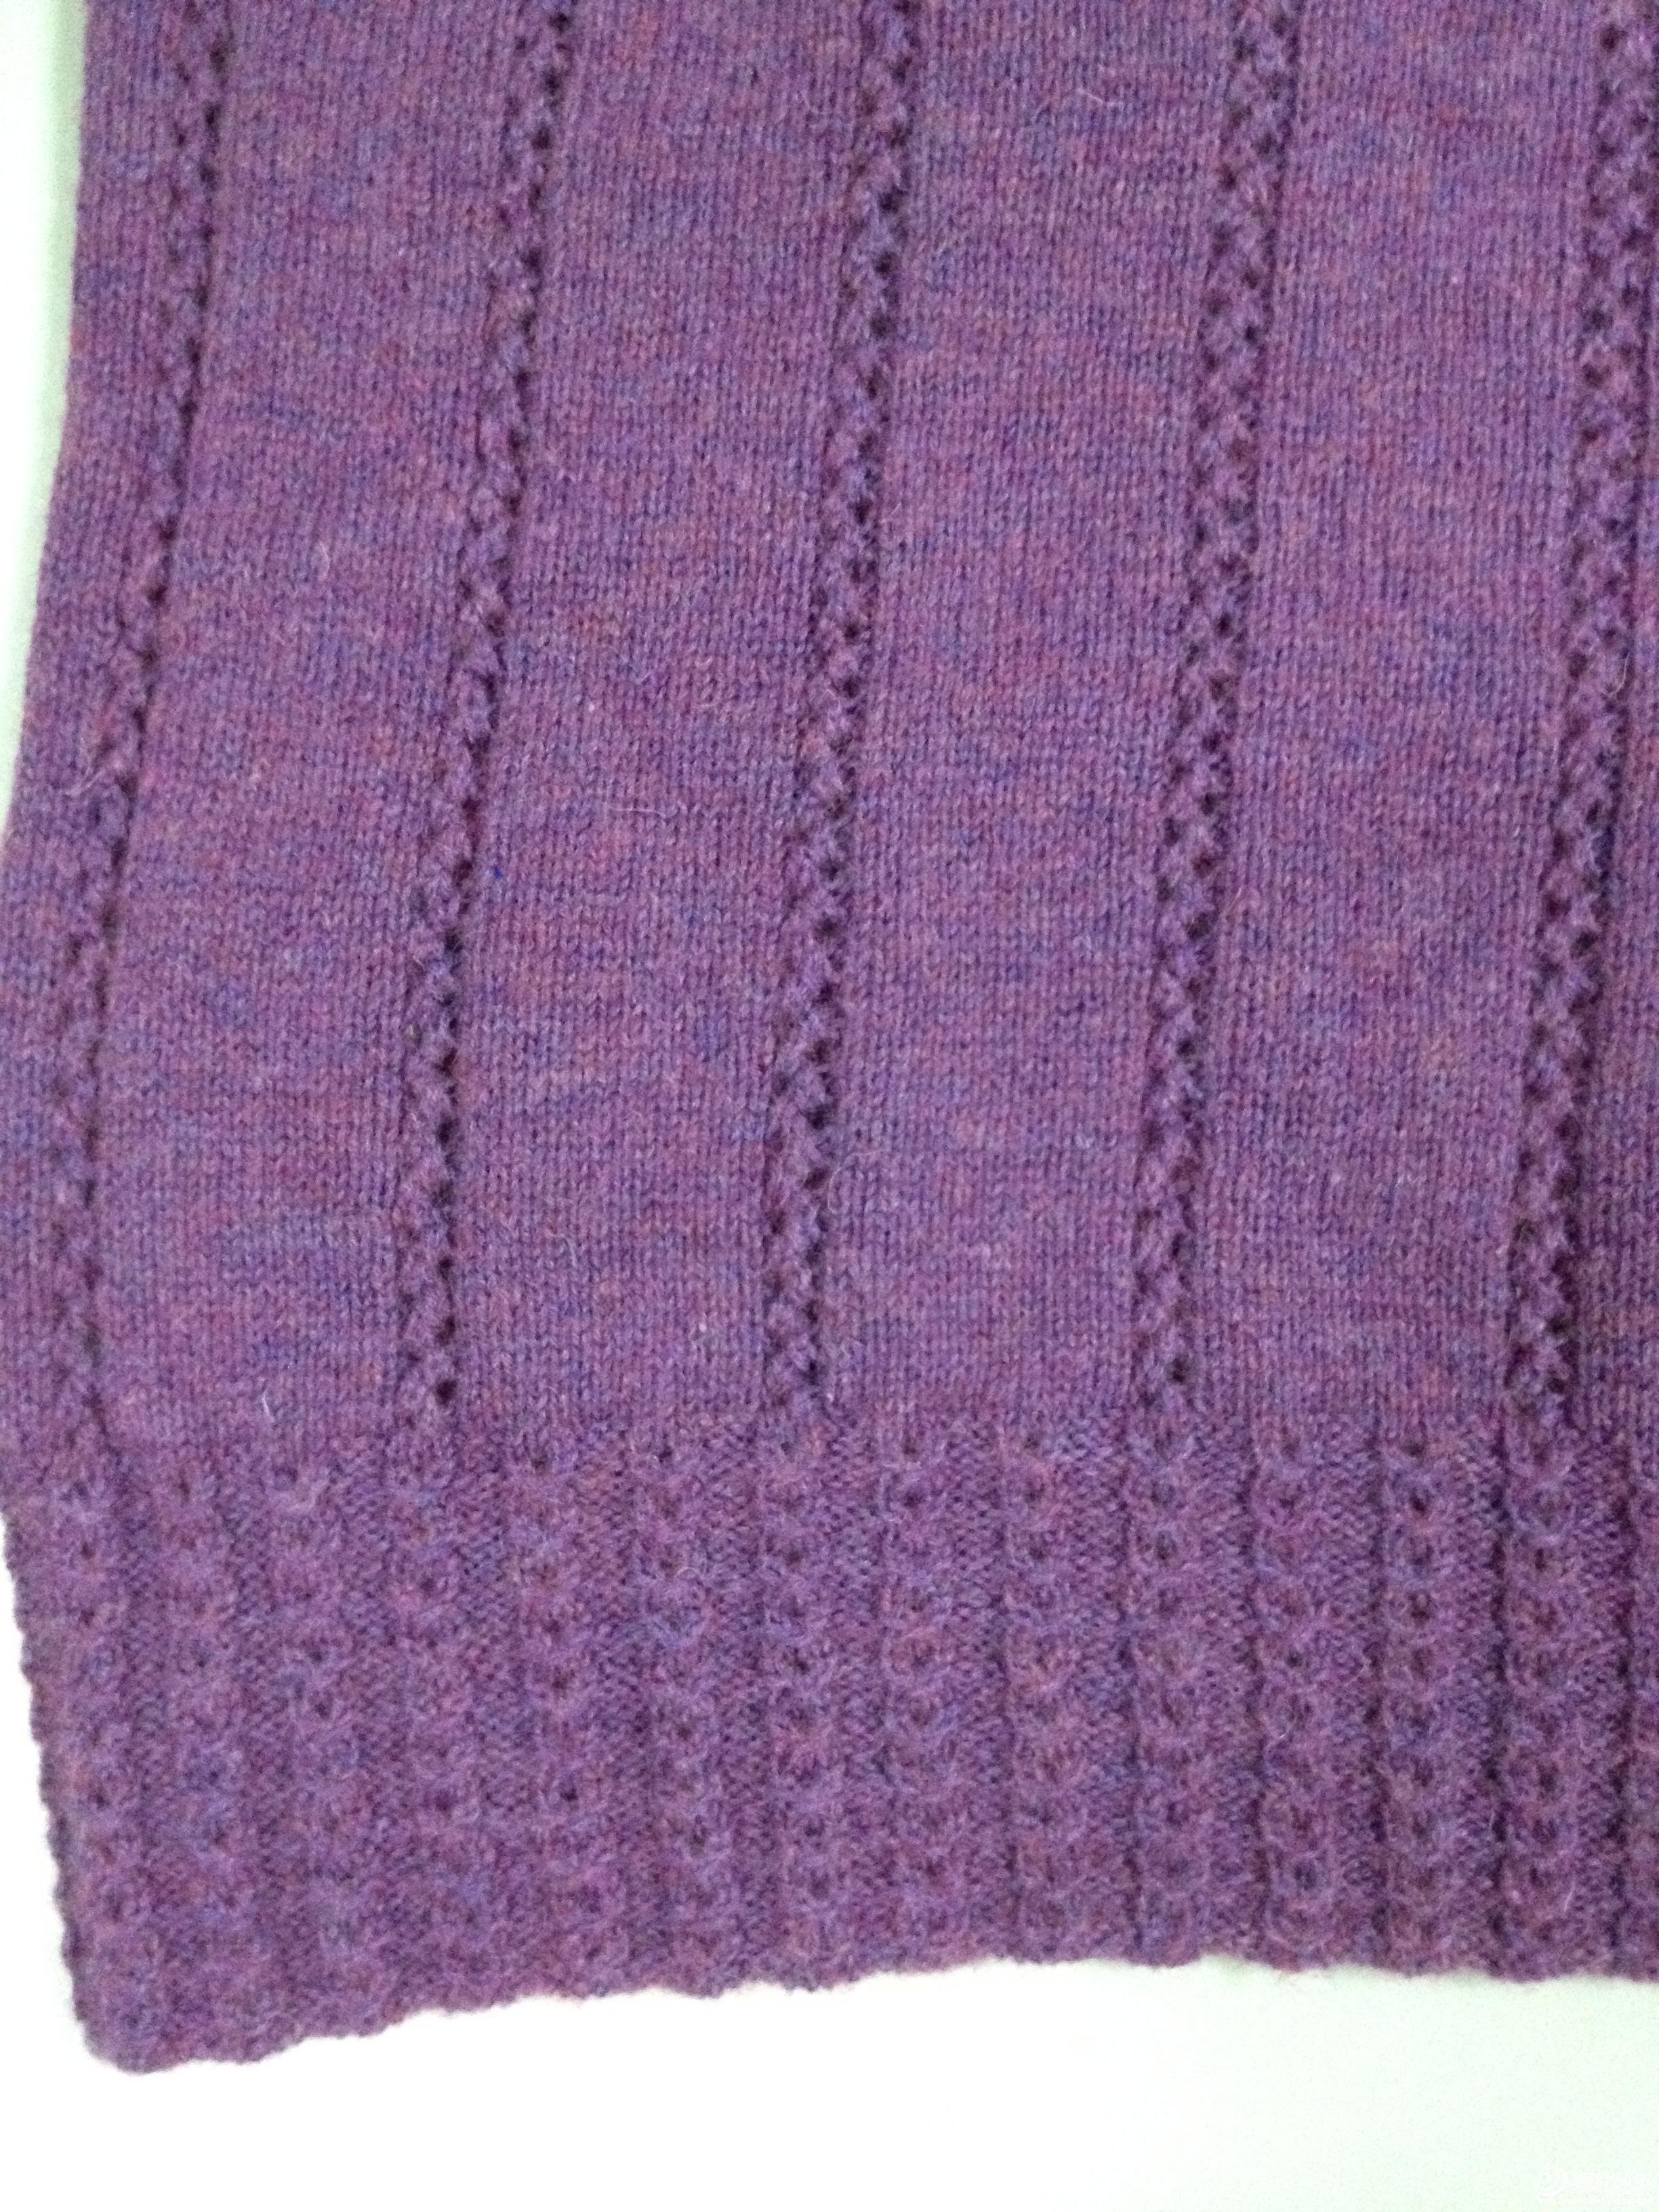 紫下摆.JPG